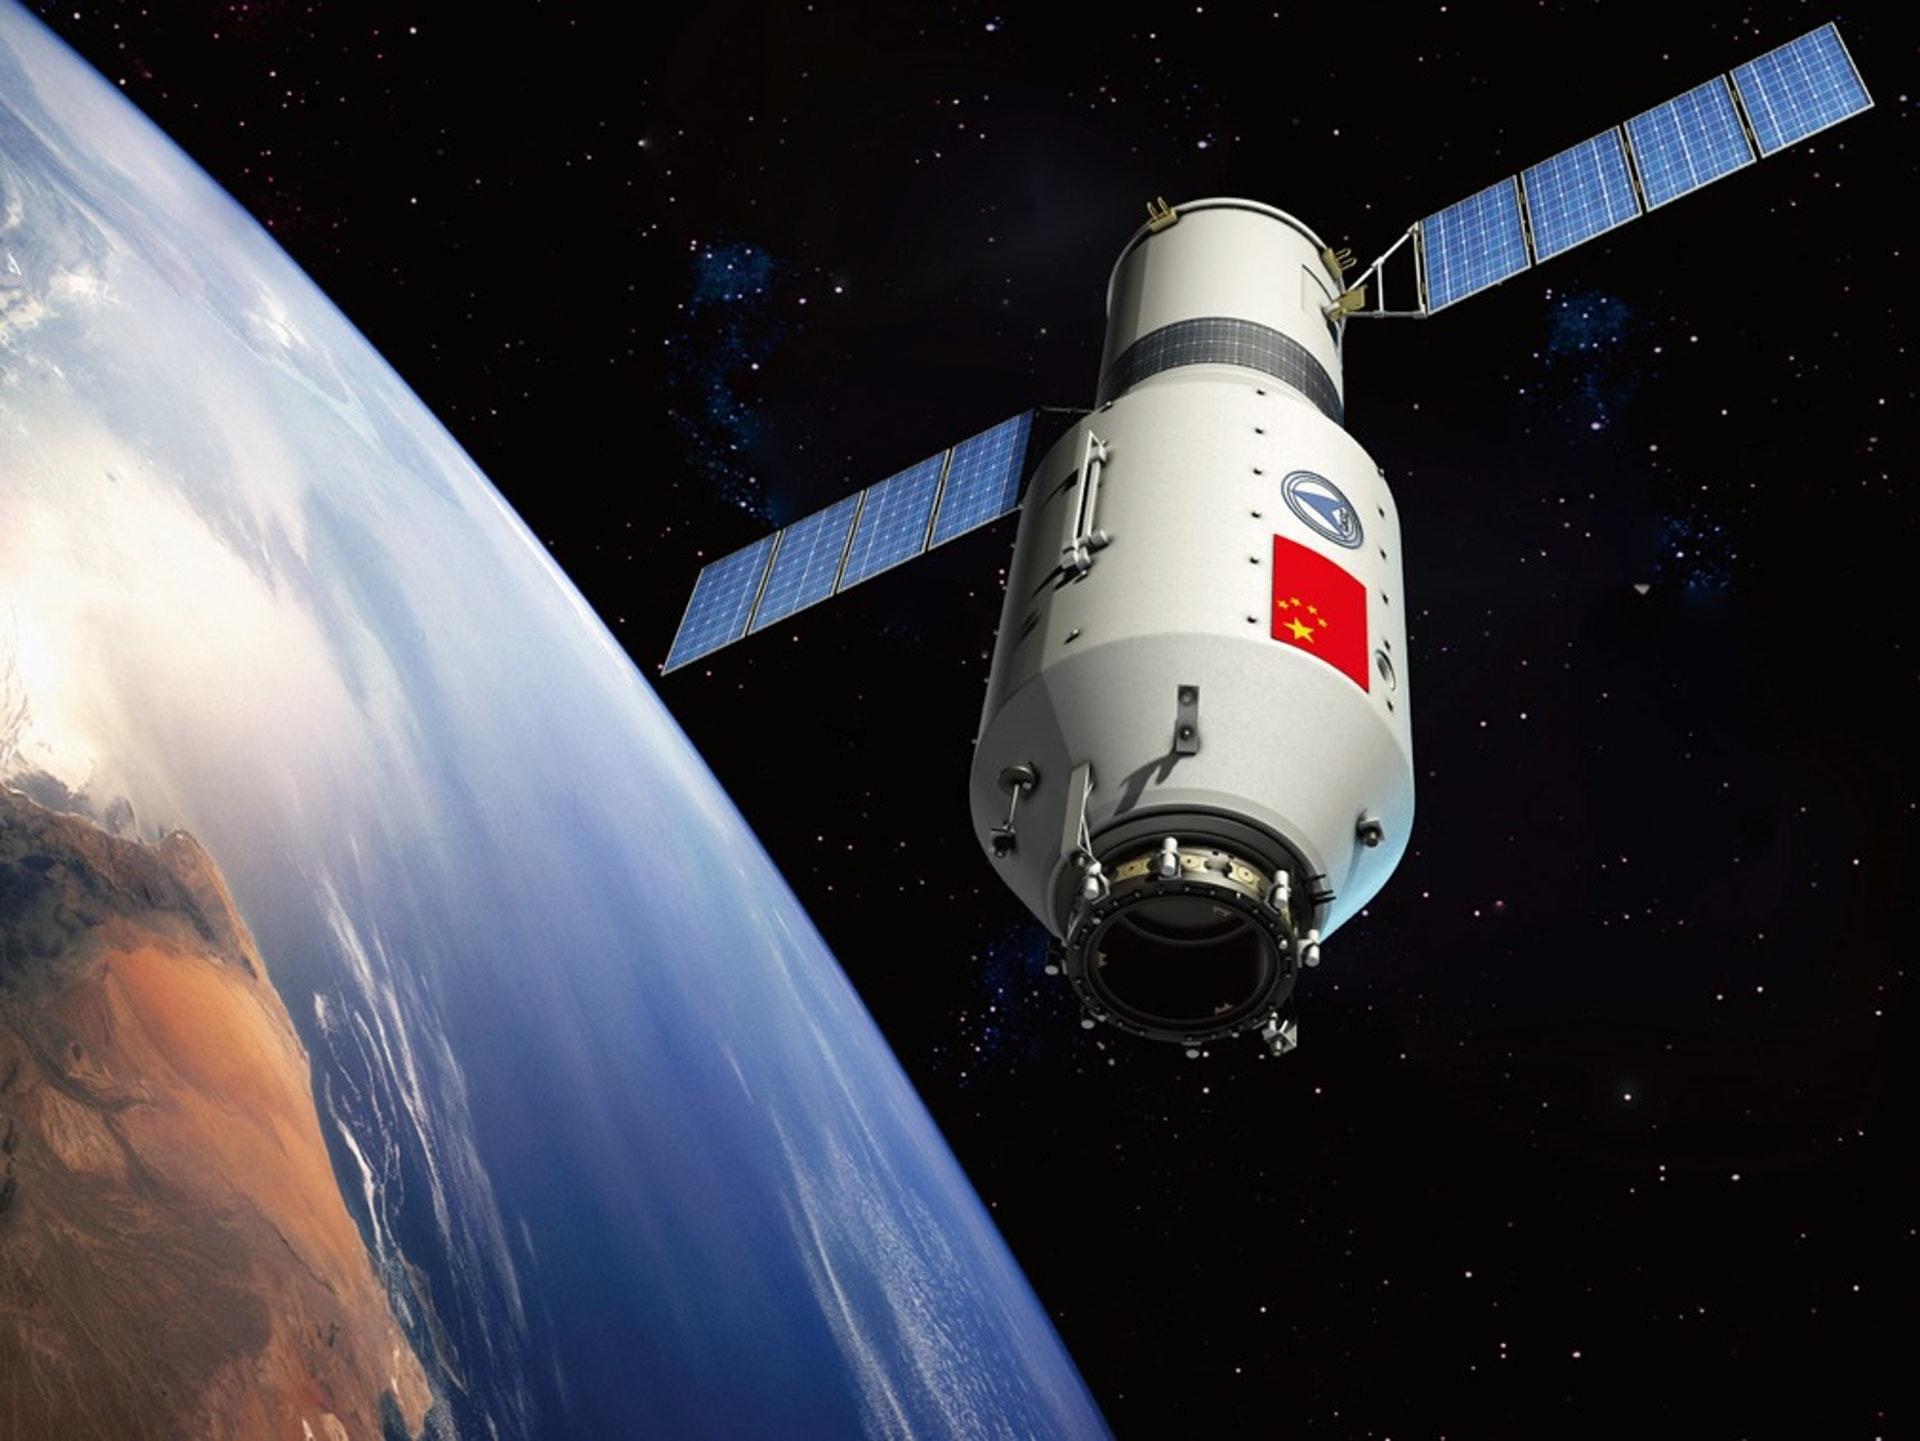 Китай также провел и планирует провести дополнительные миссии по исследованию Луны, и он намеревается установить роботизированную исследовательскую станцию на Луне, а затем направить экипаж лунной базы.